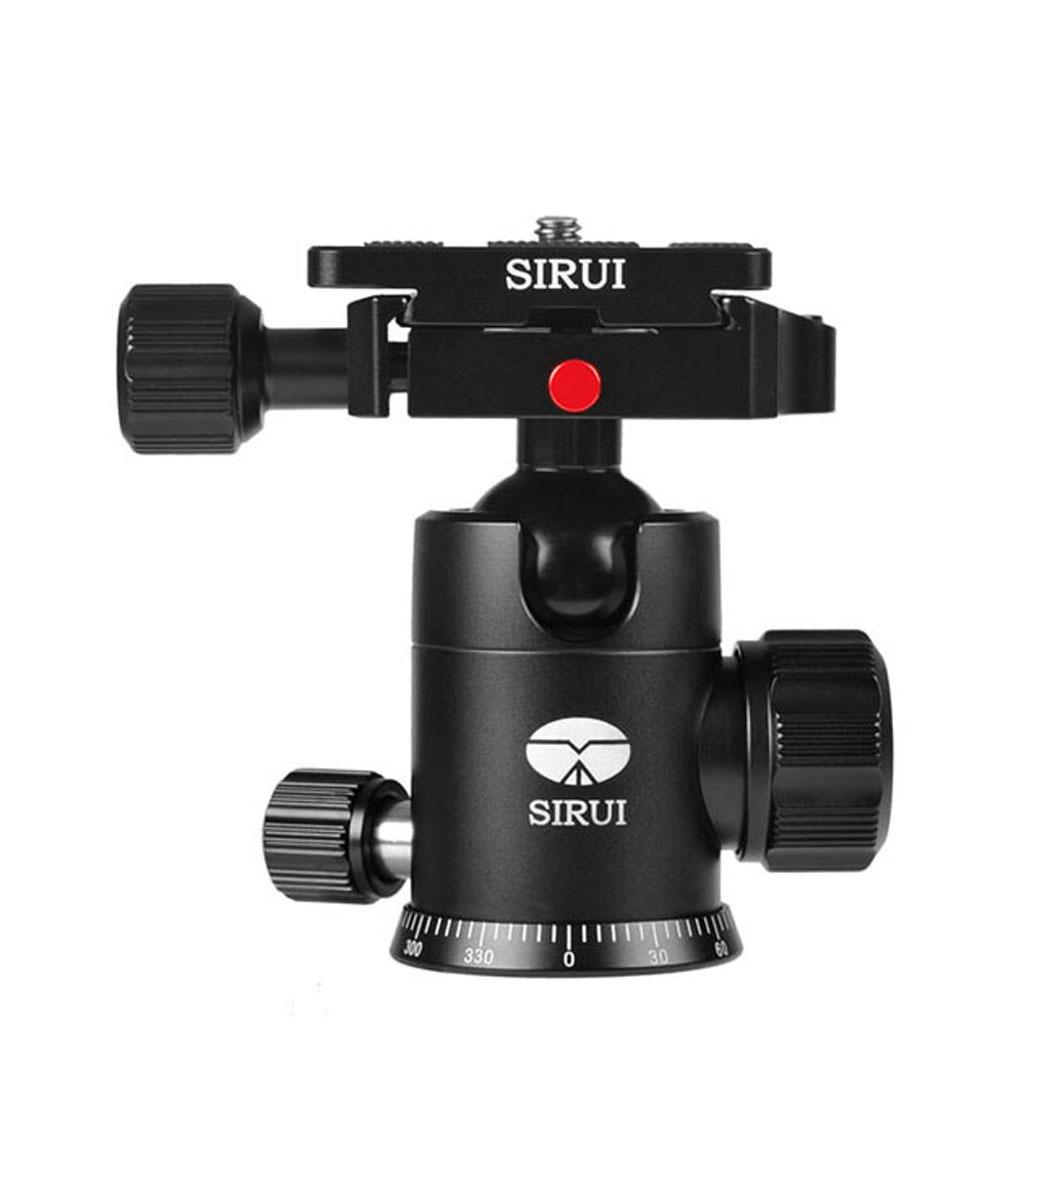 便利、買って満足してる中華製カメラアクセサリ(追加)